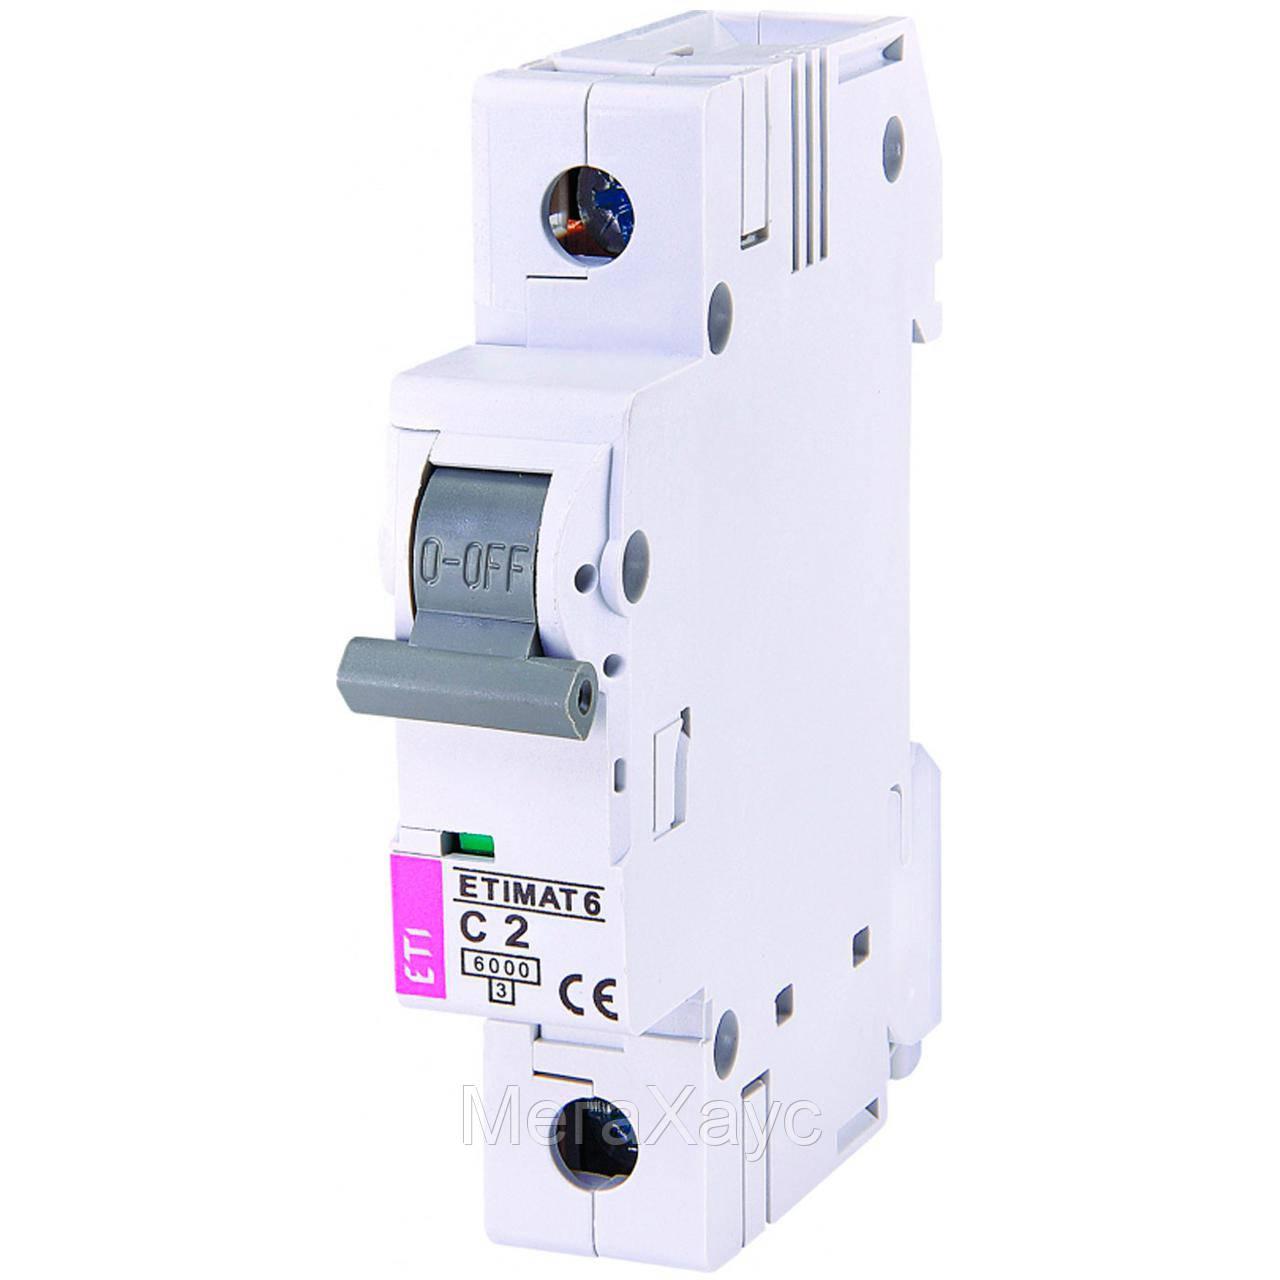 Автоматический выключатель ETIMAT 6 1p C 2A (6kA)